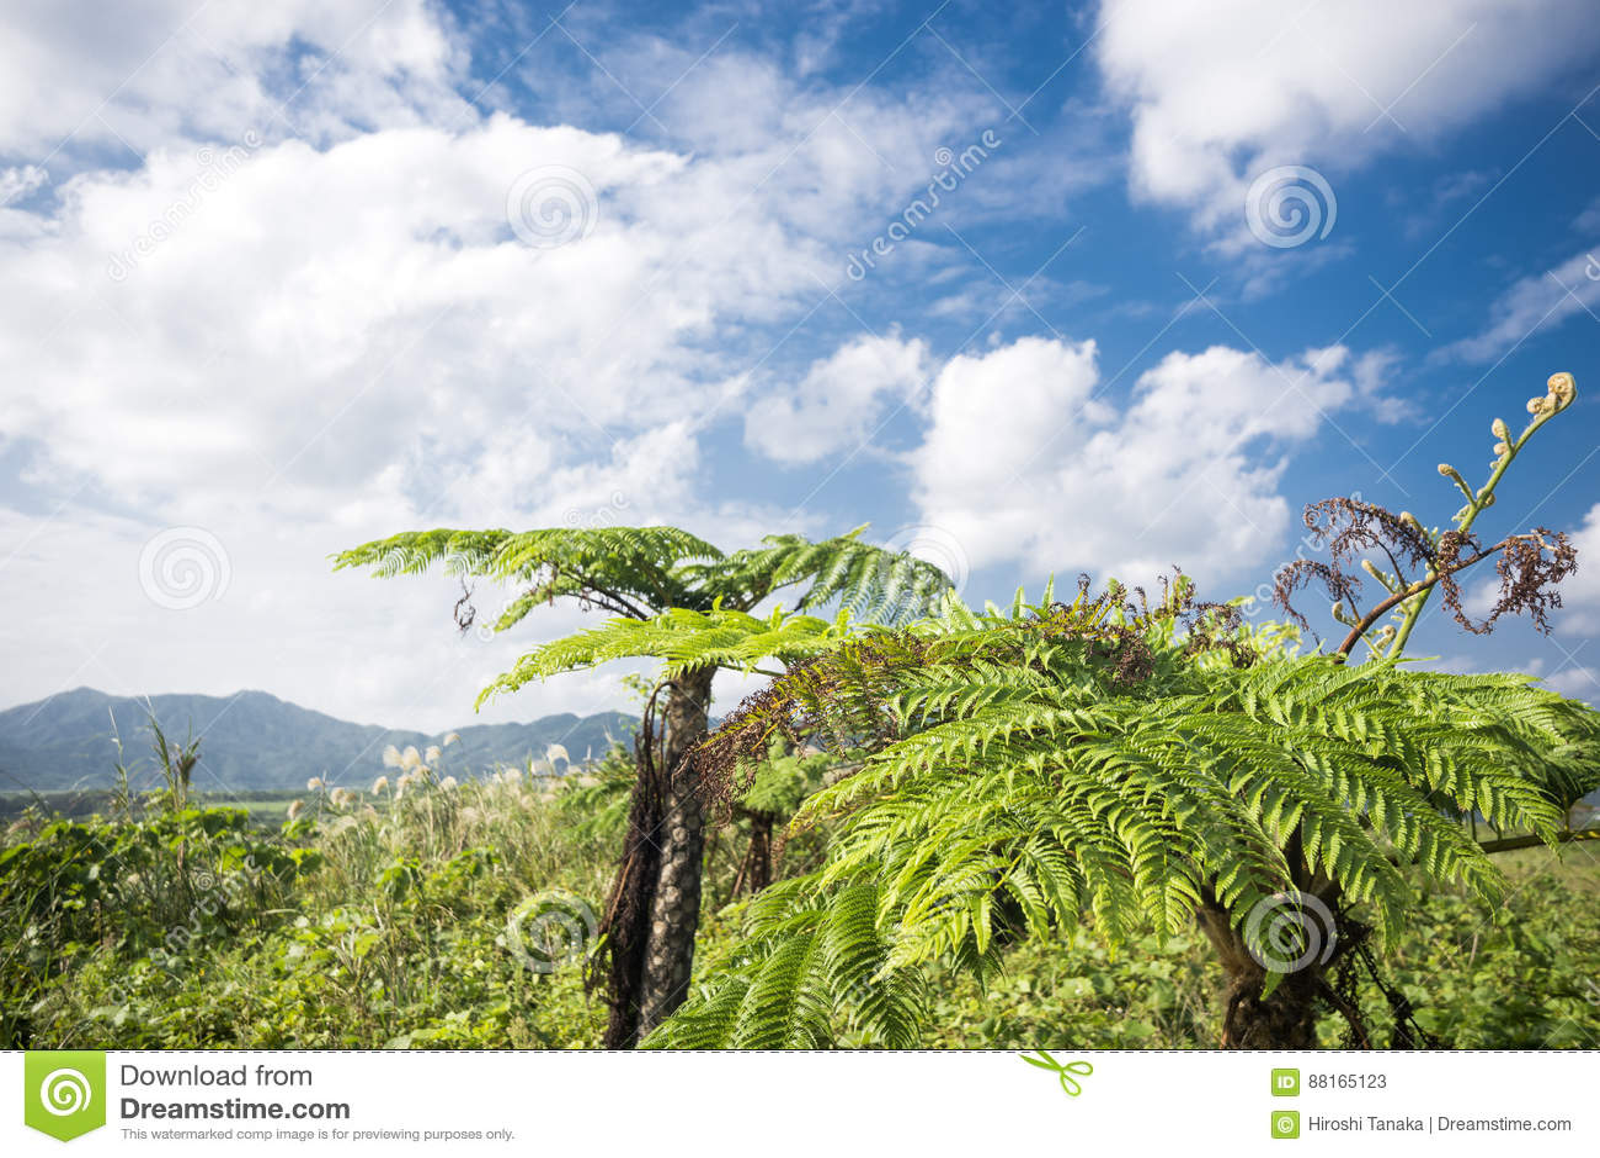 Helecho de árbol espinoso